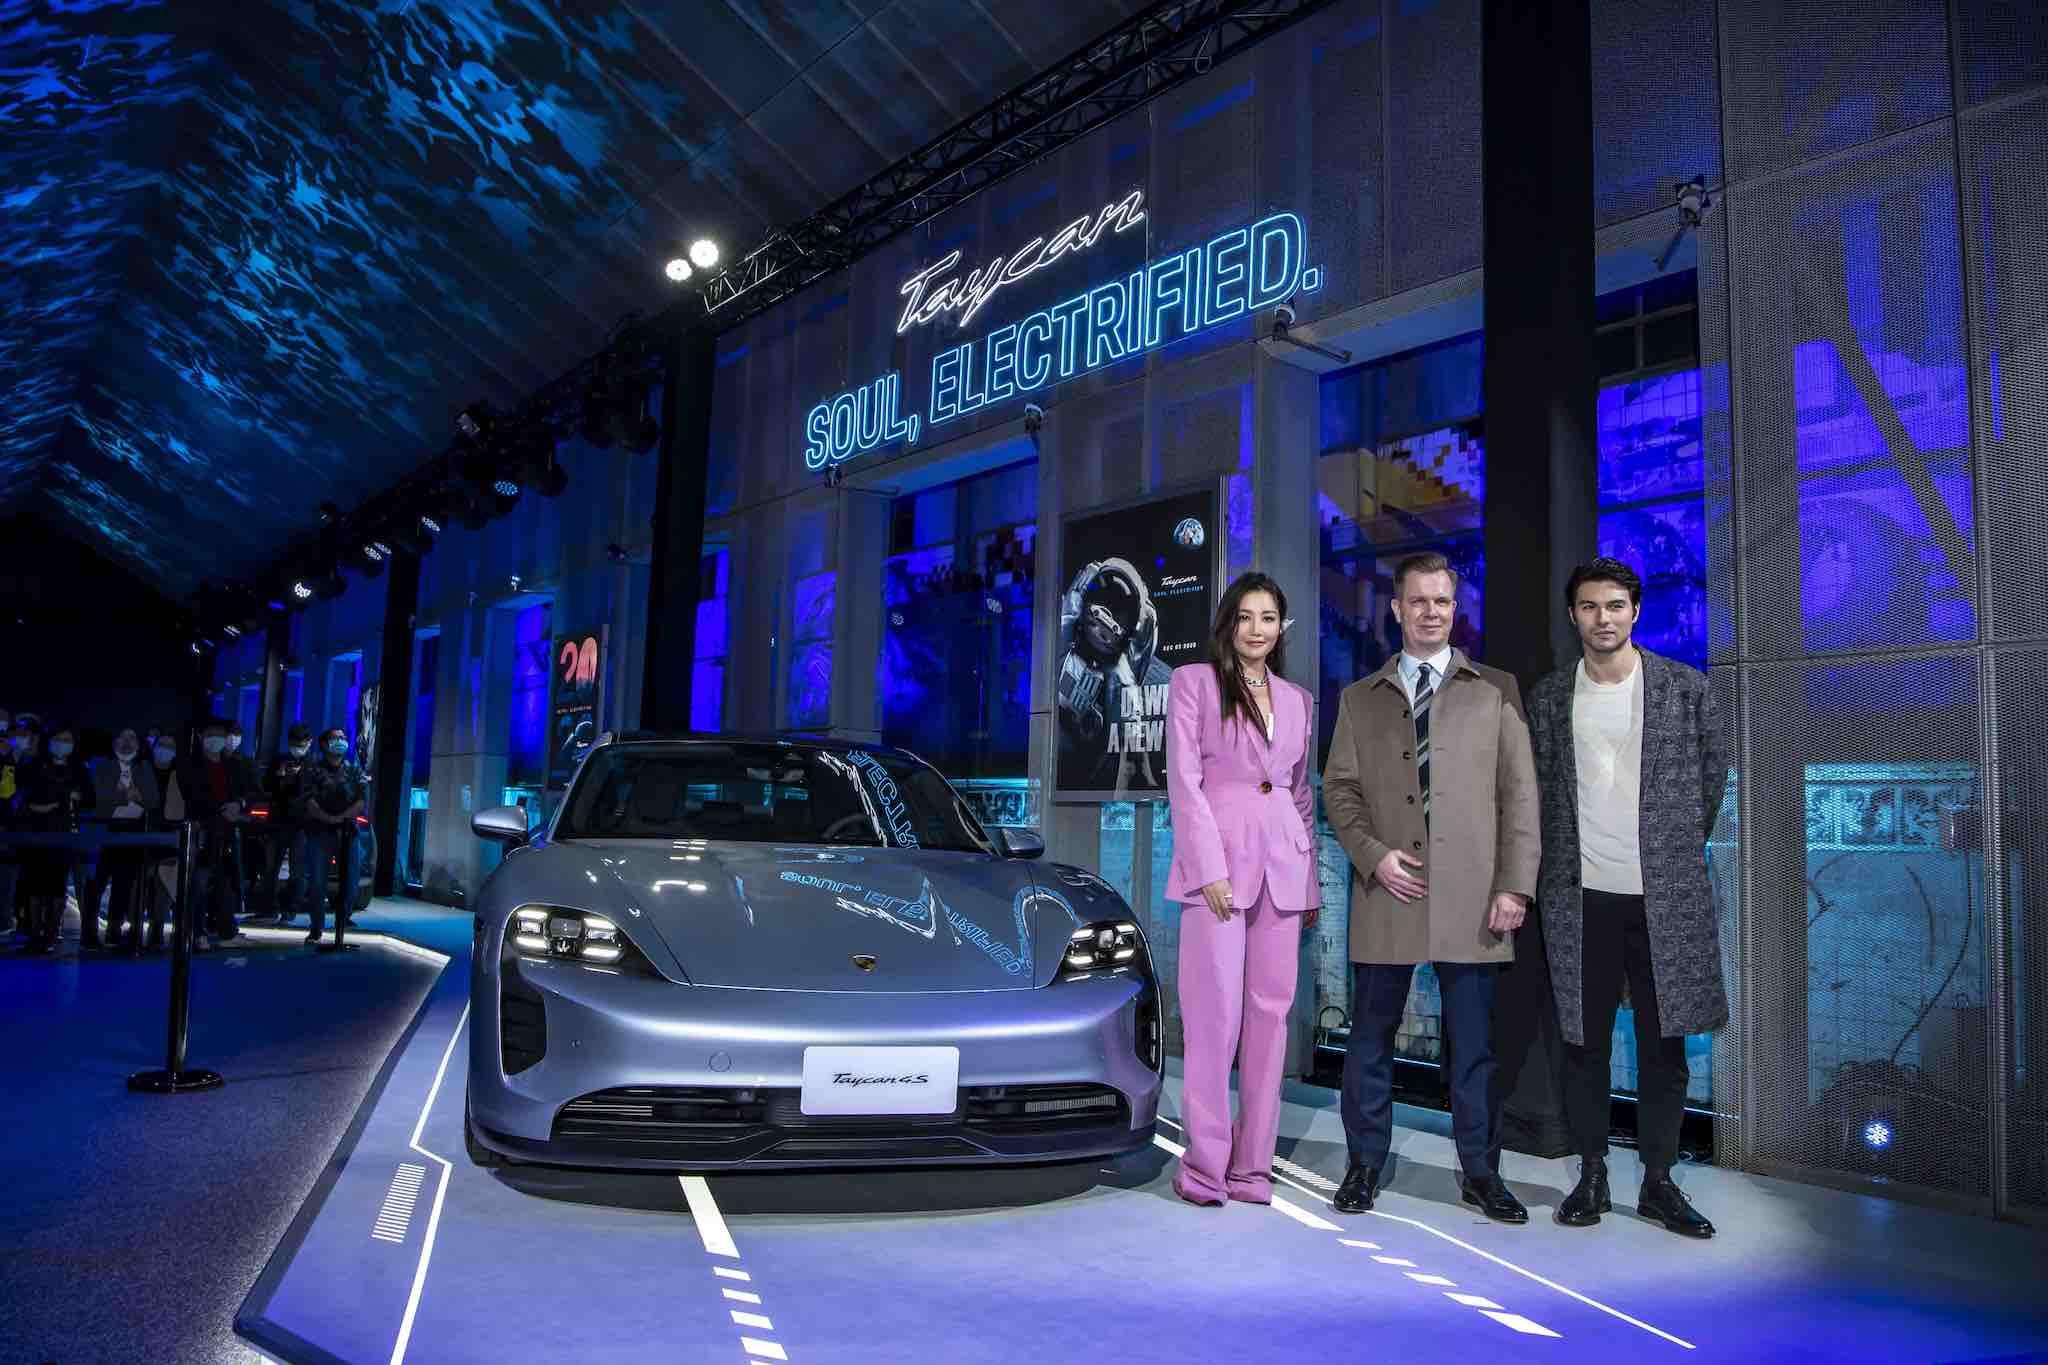 跑車大明星嘉賓也前來共襄盛舉Porsche Taycan上市發表會。左起A-Lin、台灣保時捷總裁Mathias Busse、鳳小岳。